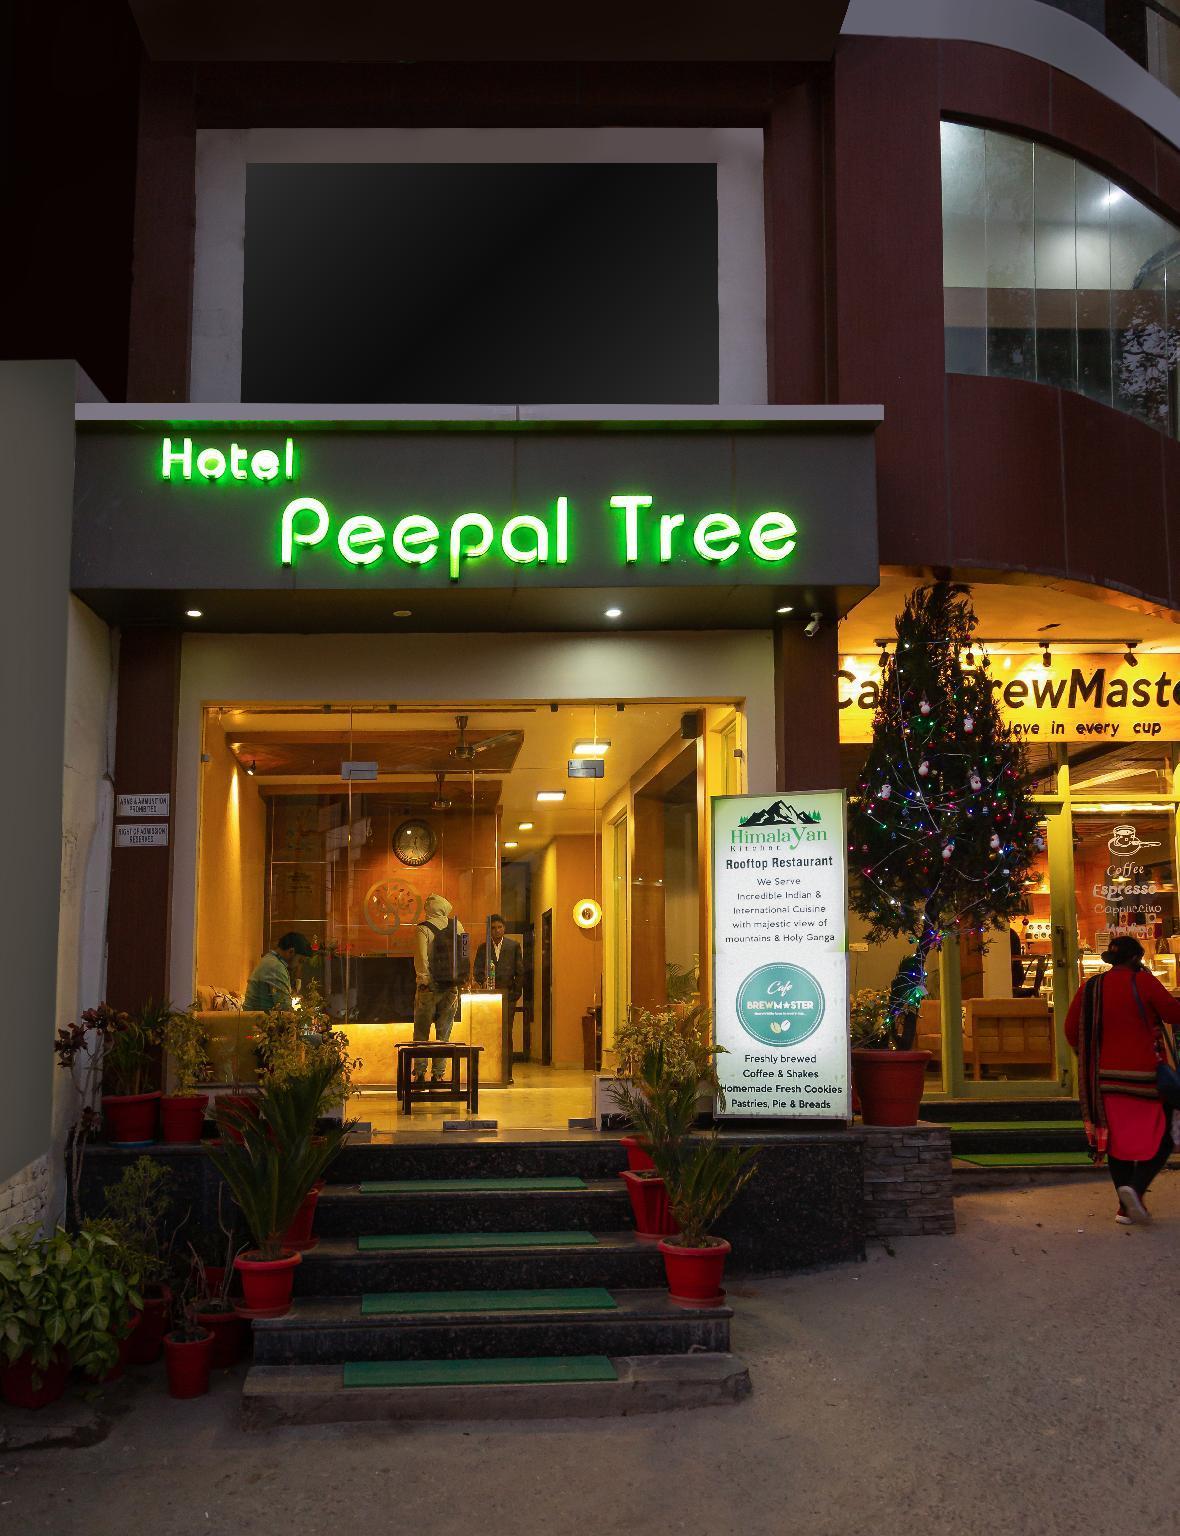 Hotel Peepal Tree